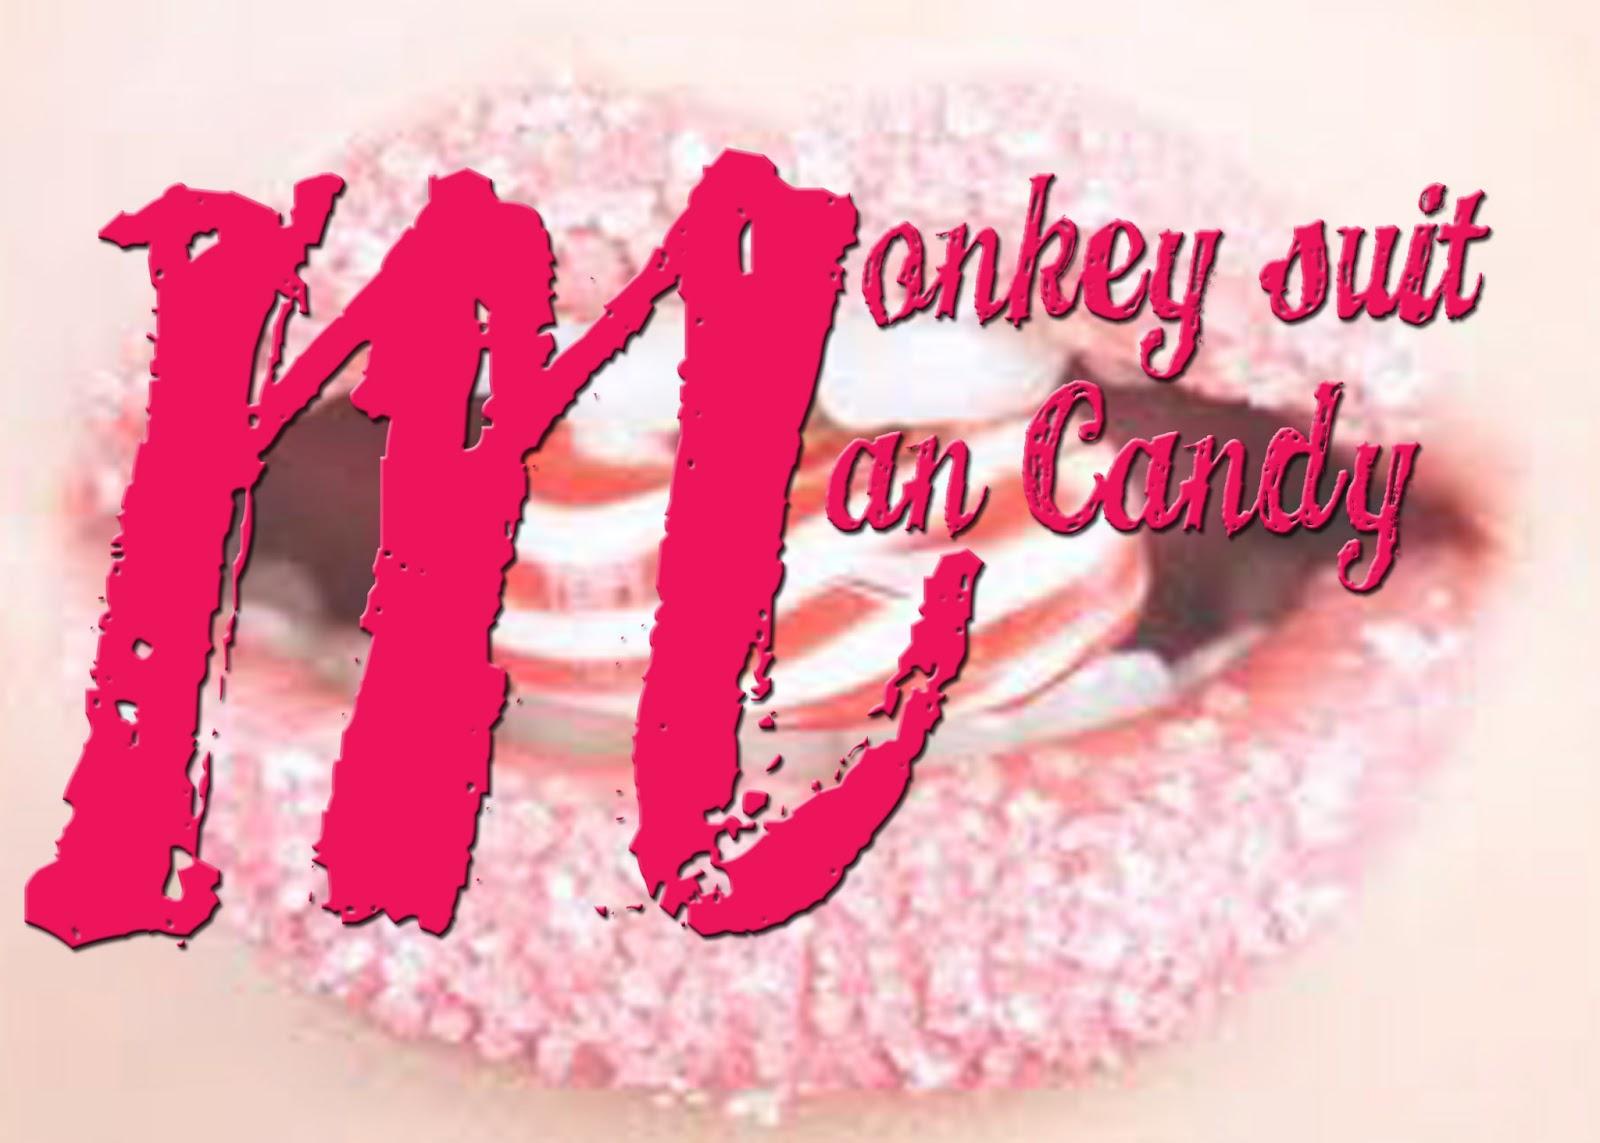 http://4.bp.blogspot.com/-kUmA5xgi9sA/UUyuWIg-n-I/AAAAAAAAAR4/sBvVvL6RaxM/s1600/man+candy+lips.jpg